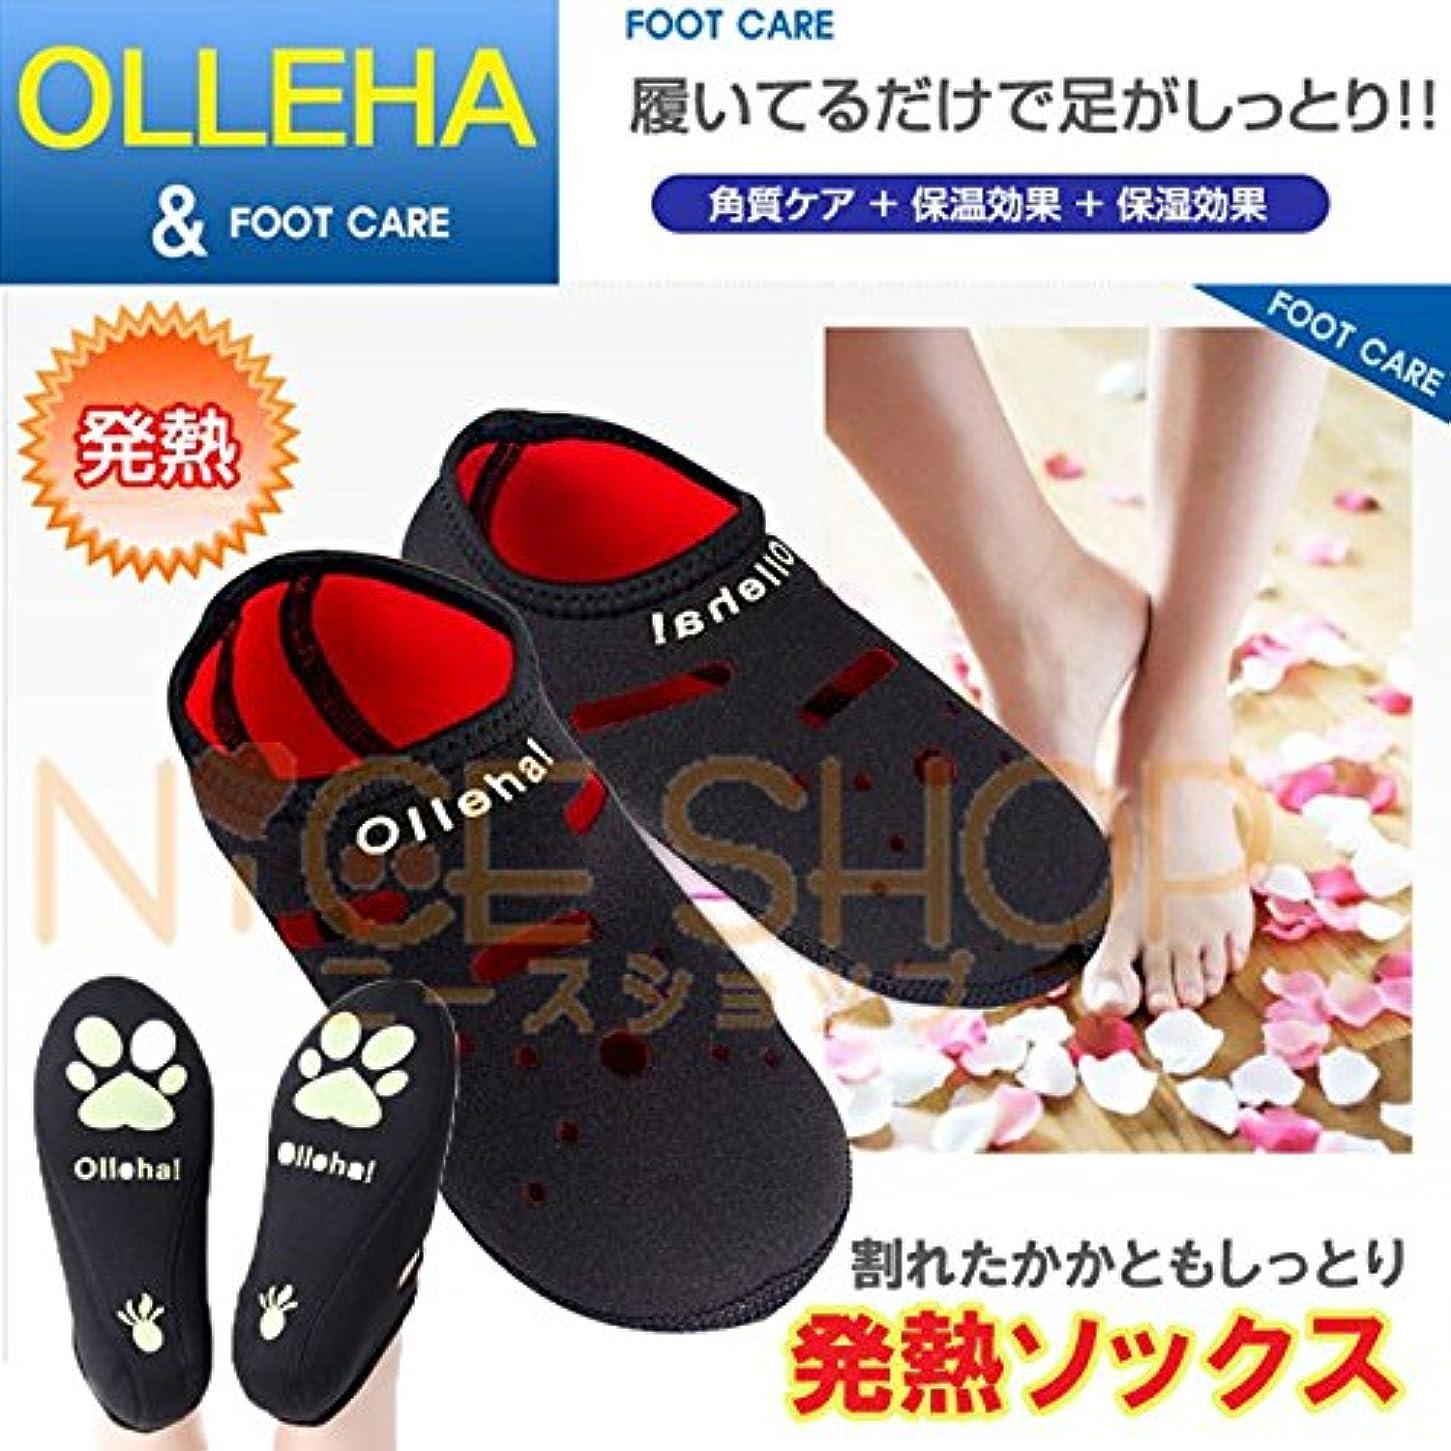 フェードアウト有料聖域発熱靴下(足袋)発熱ソックス、フットケアー Olleha! (L(25.0~27.5))